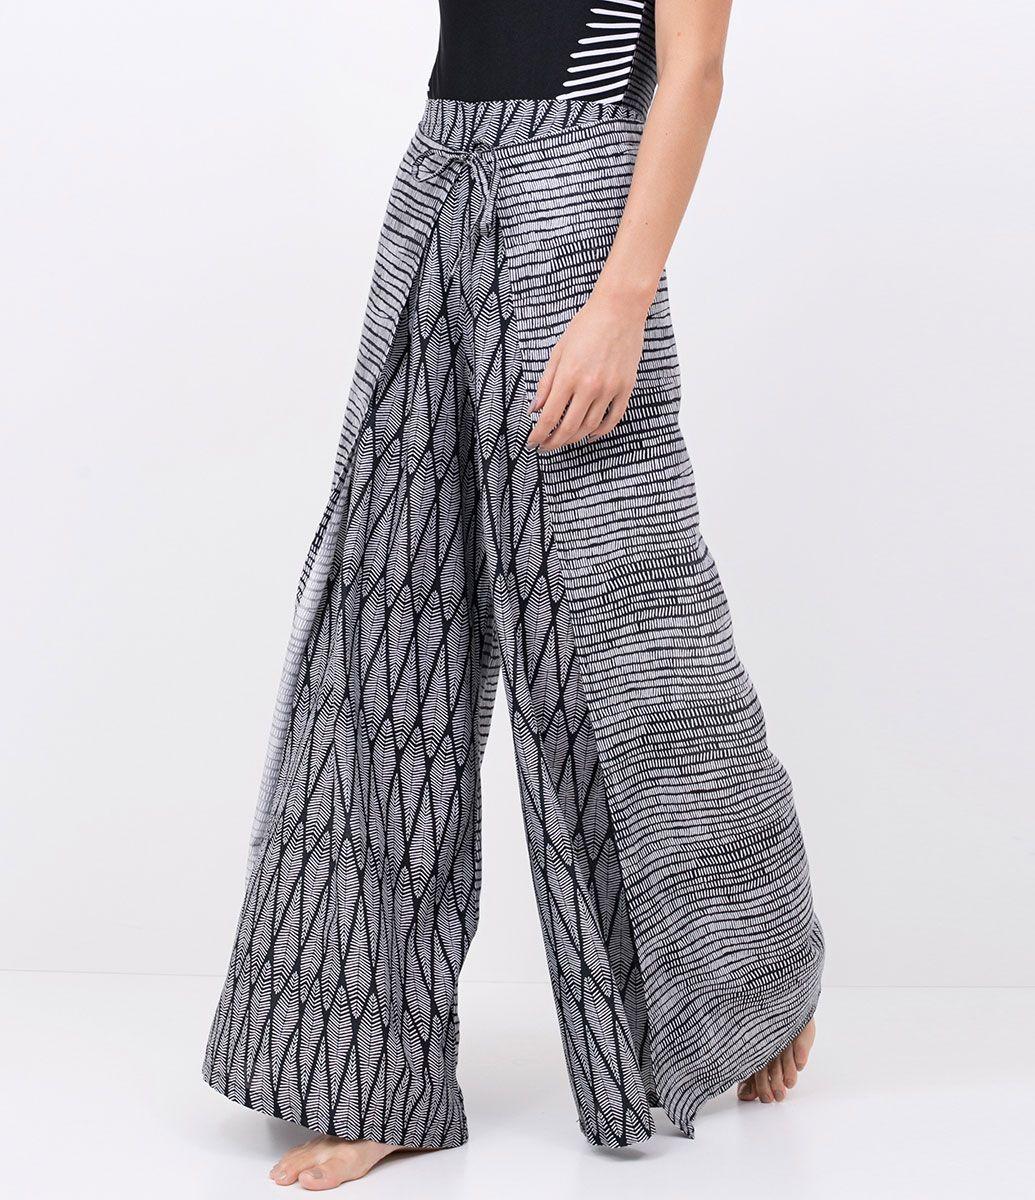 ddff82d6ff Saída de praia Calça pantalona Estampada Transpassada Com amarração  Abertura lateral Marca  Bossa Nossa Tecido